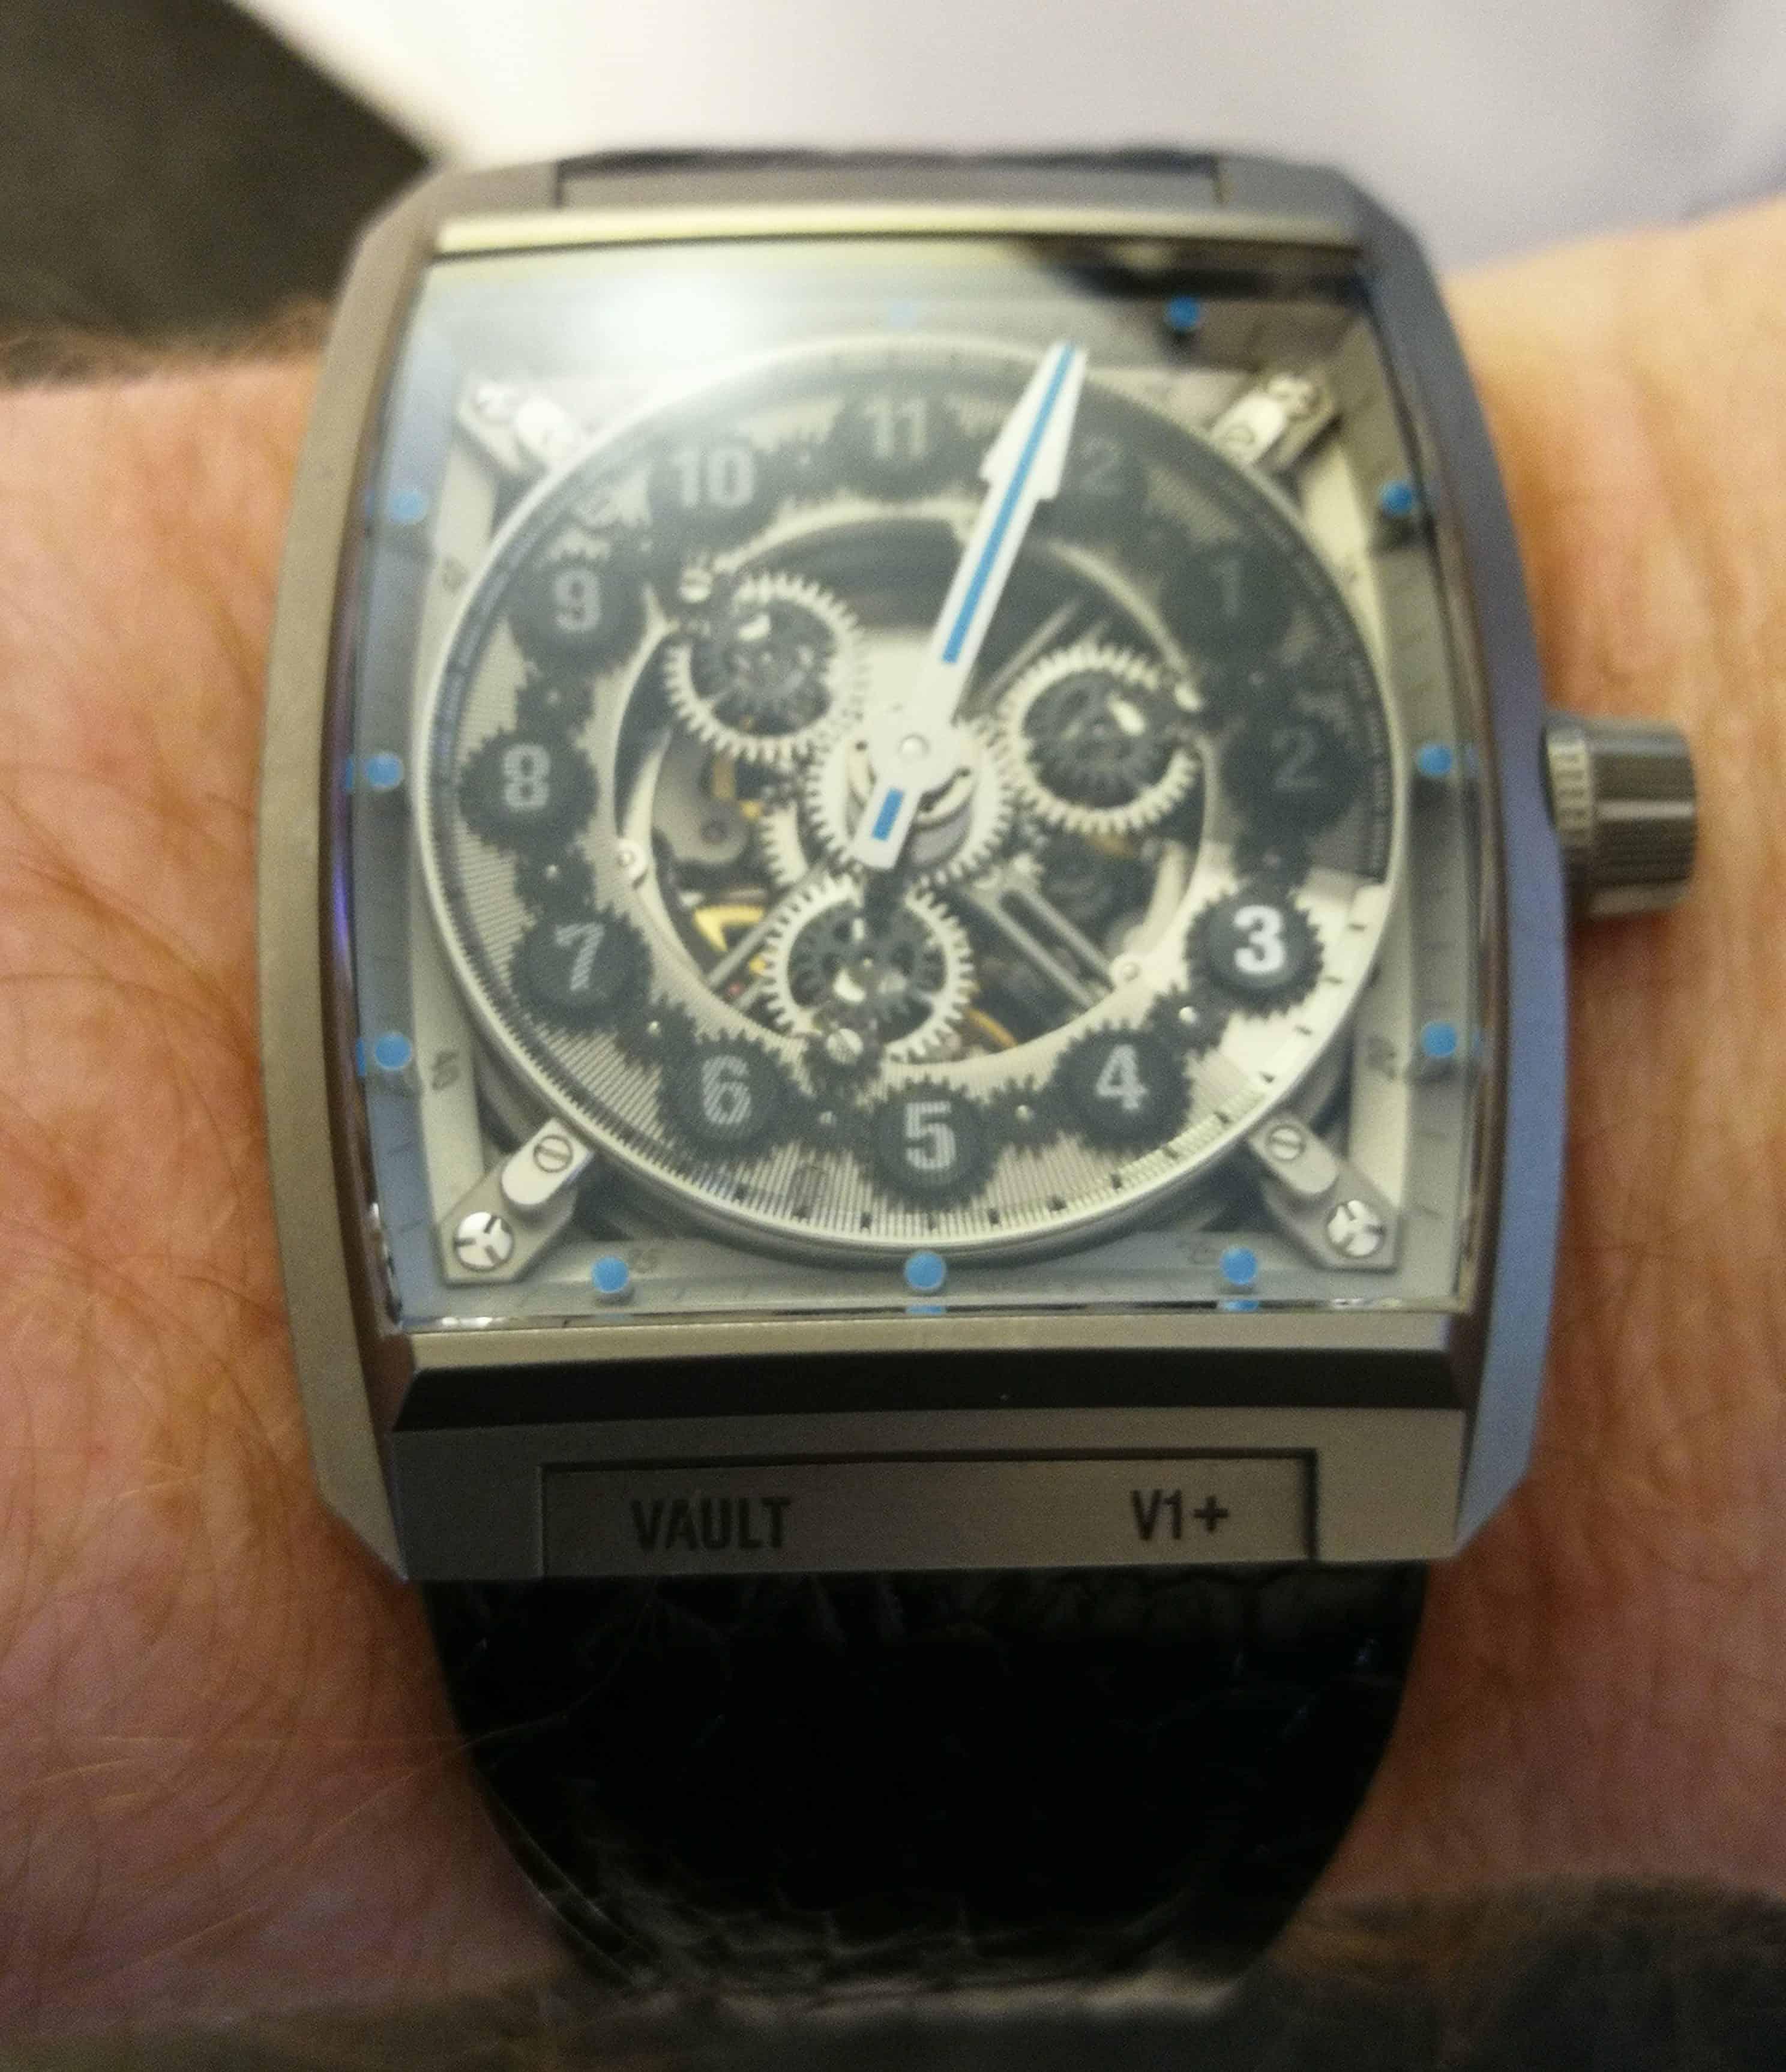 Vault V1+on the wrist